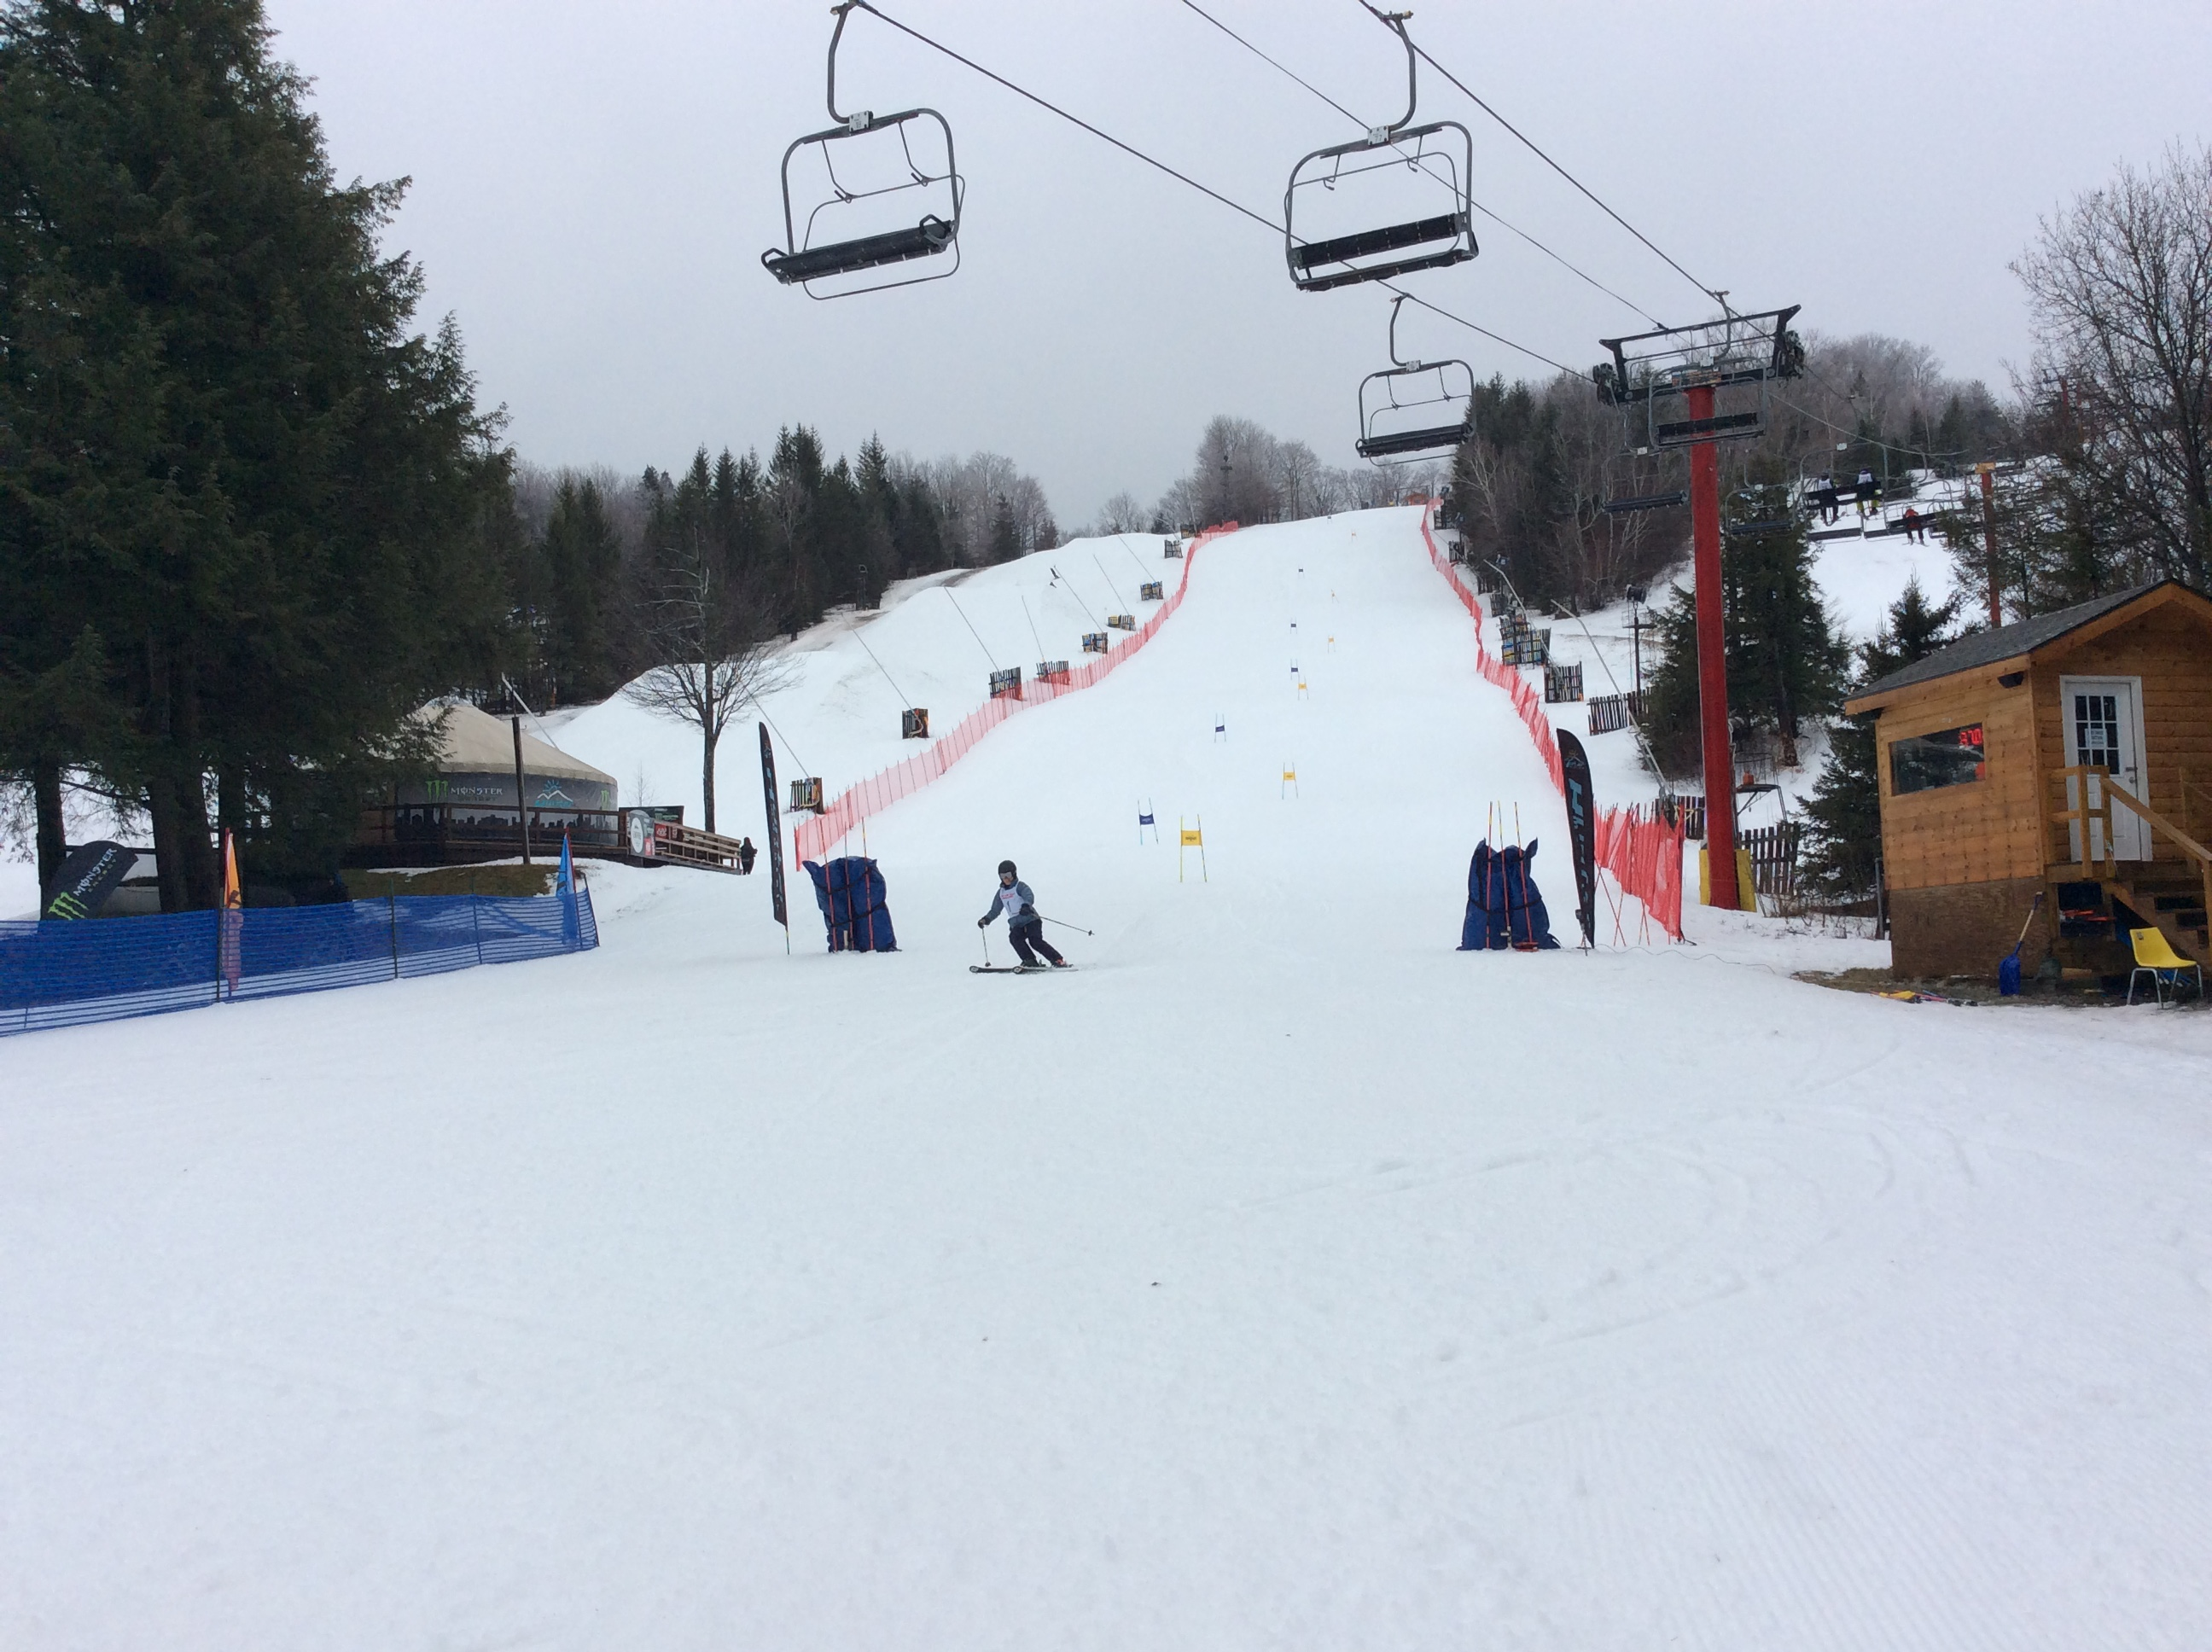 nypd-ski-club_32275741231_o